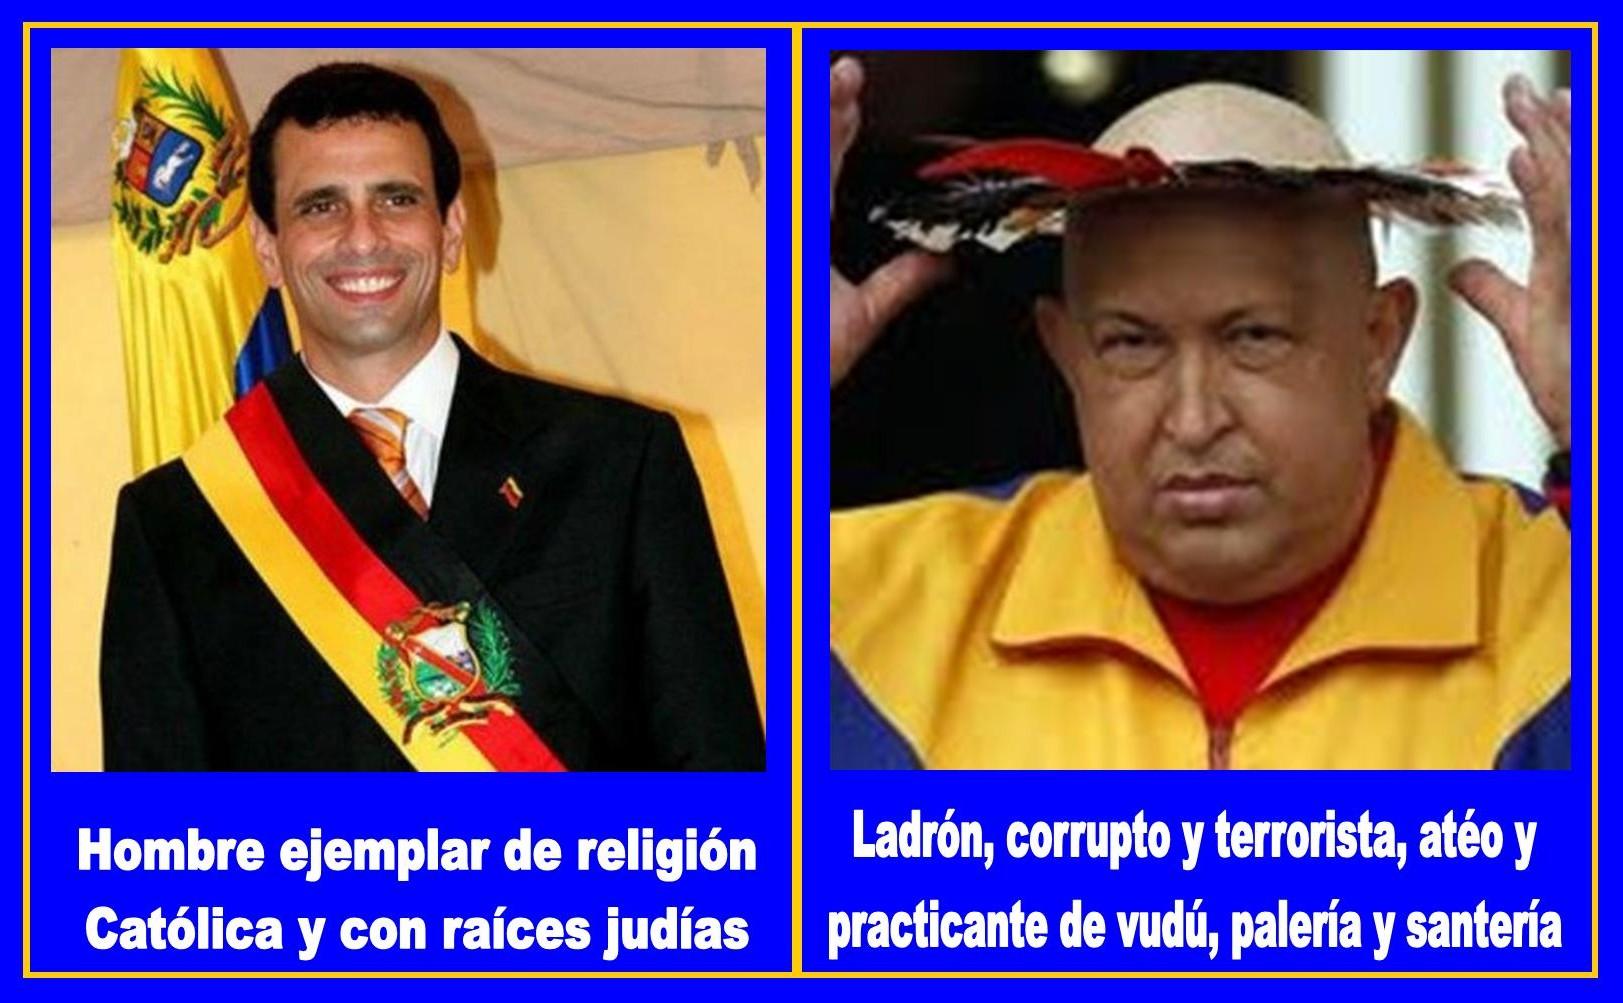 discusión pre-electoral en Venezuela (solo aqui se admiten estos temas) - Página 19 Dif-entre-capriles-y-chavez